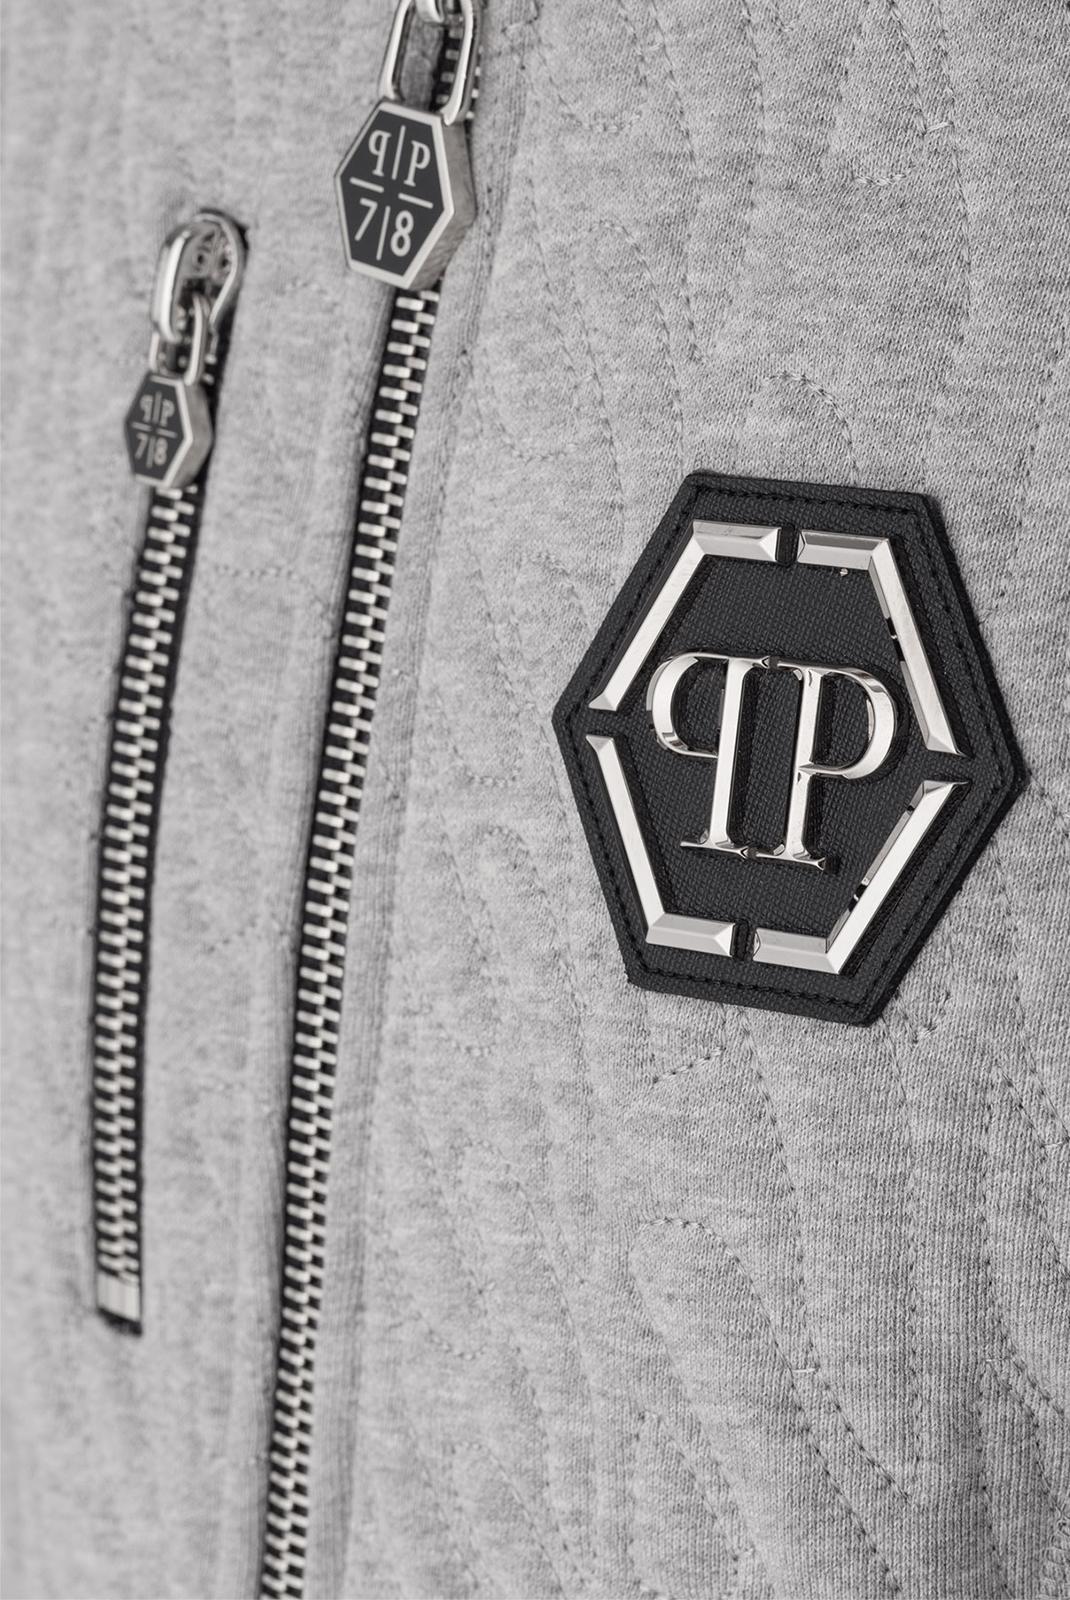 Vestes zippées  Philipp plein MJB0040 AERO 1046 GREY MELANGED